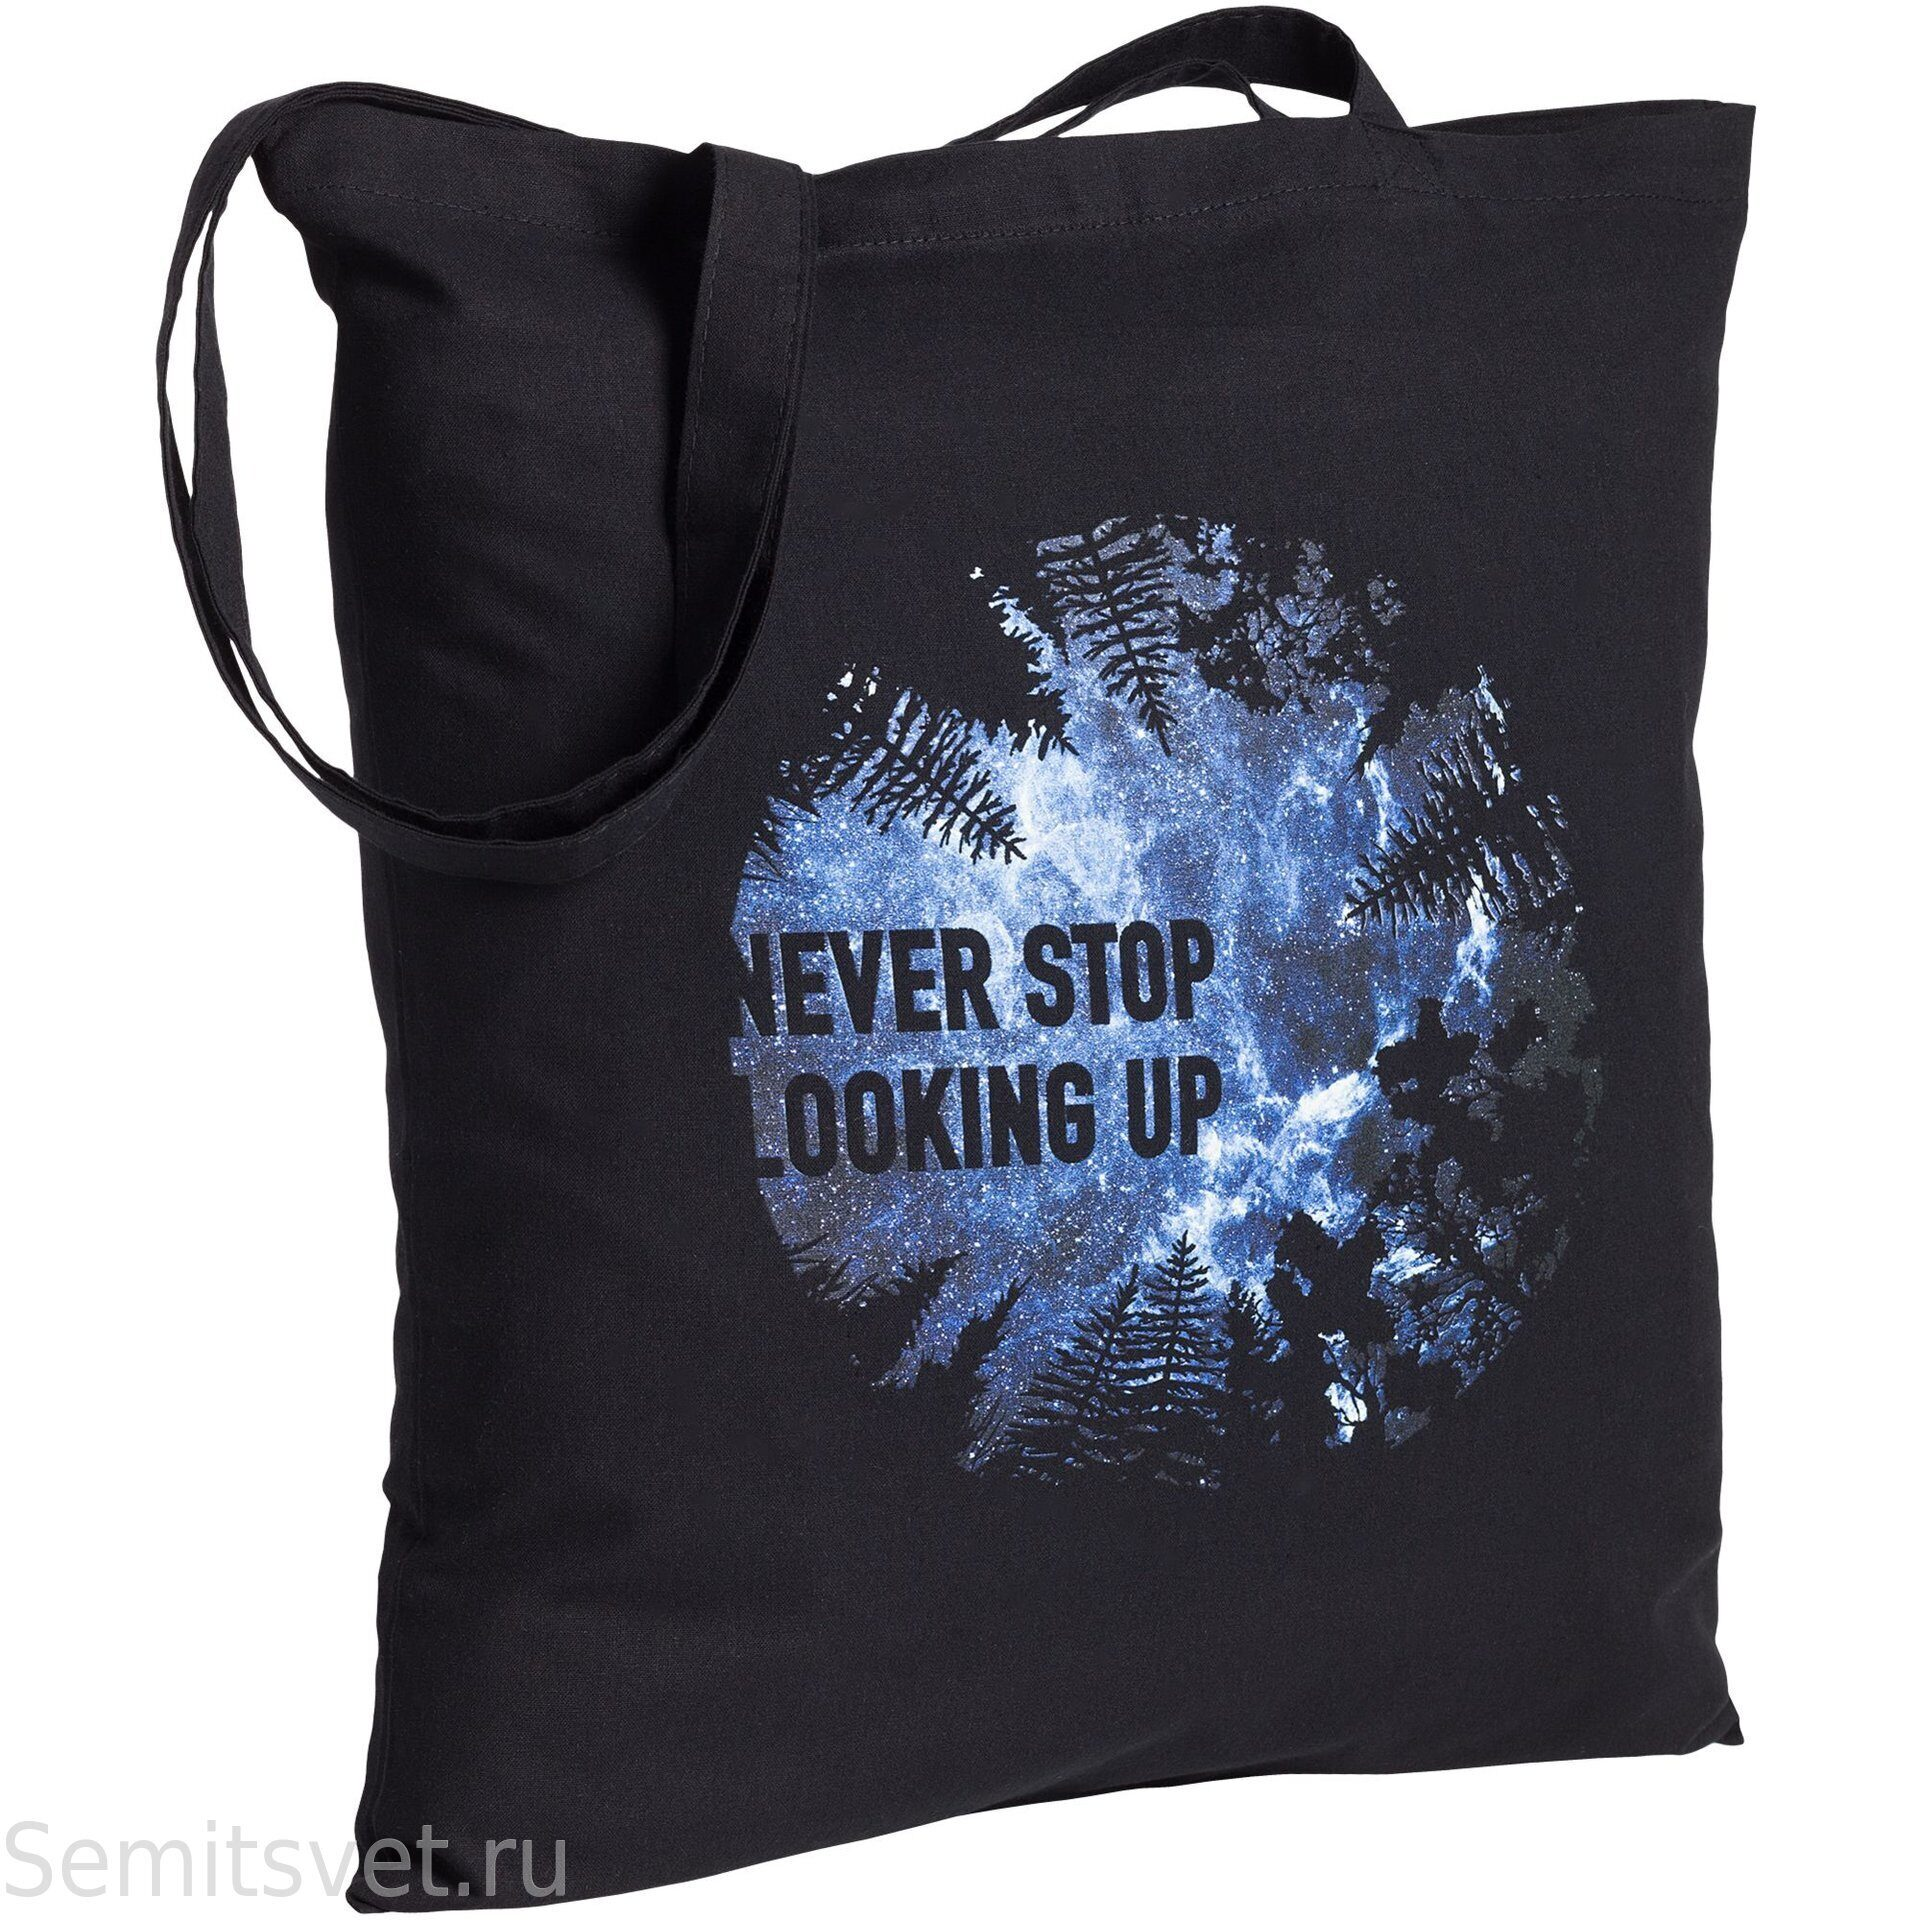 221258140a39 Купить оптом в Екатеринбурге сумки с логотипом - это универсальный ...